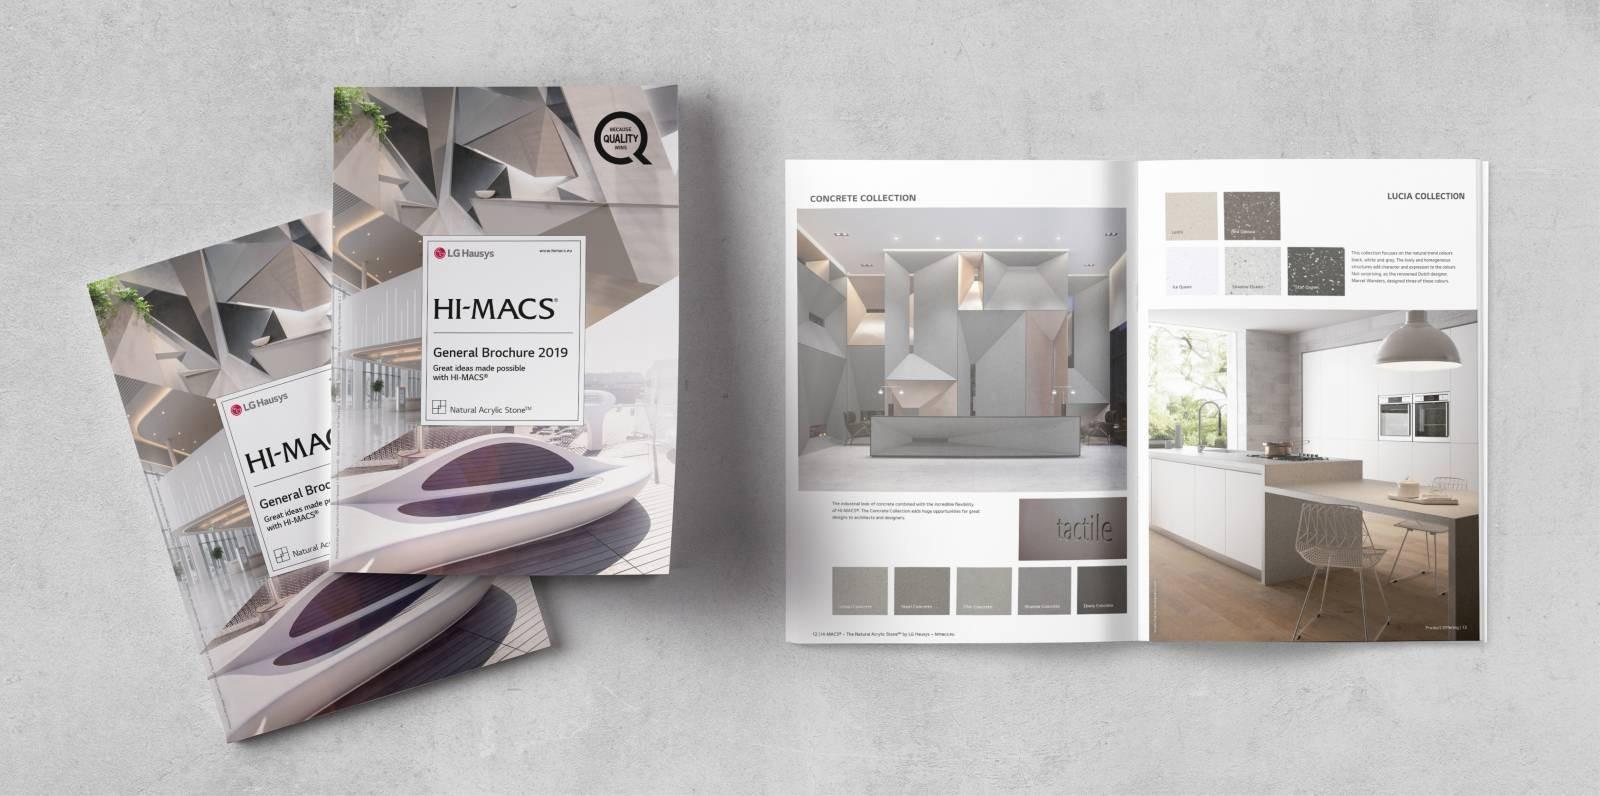 Alaturarea la grupul HI-MACS® ca si fabricator sau instalator reprezinta participarea activa in procesul de crestere a acestui brand ce a inceput in anul 2003, precum si oferirea clientilor unui produs de inalta calitate, cu o rezistenta si durabilitate sporita si cu o garantie de 10+5 ani*. Tehnicile de fabricatie extrem de variate ale acestui material ofera inspiratie arhitectilor[…] Mai mult…